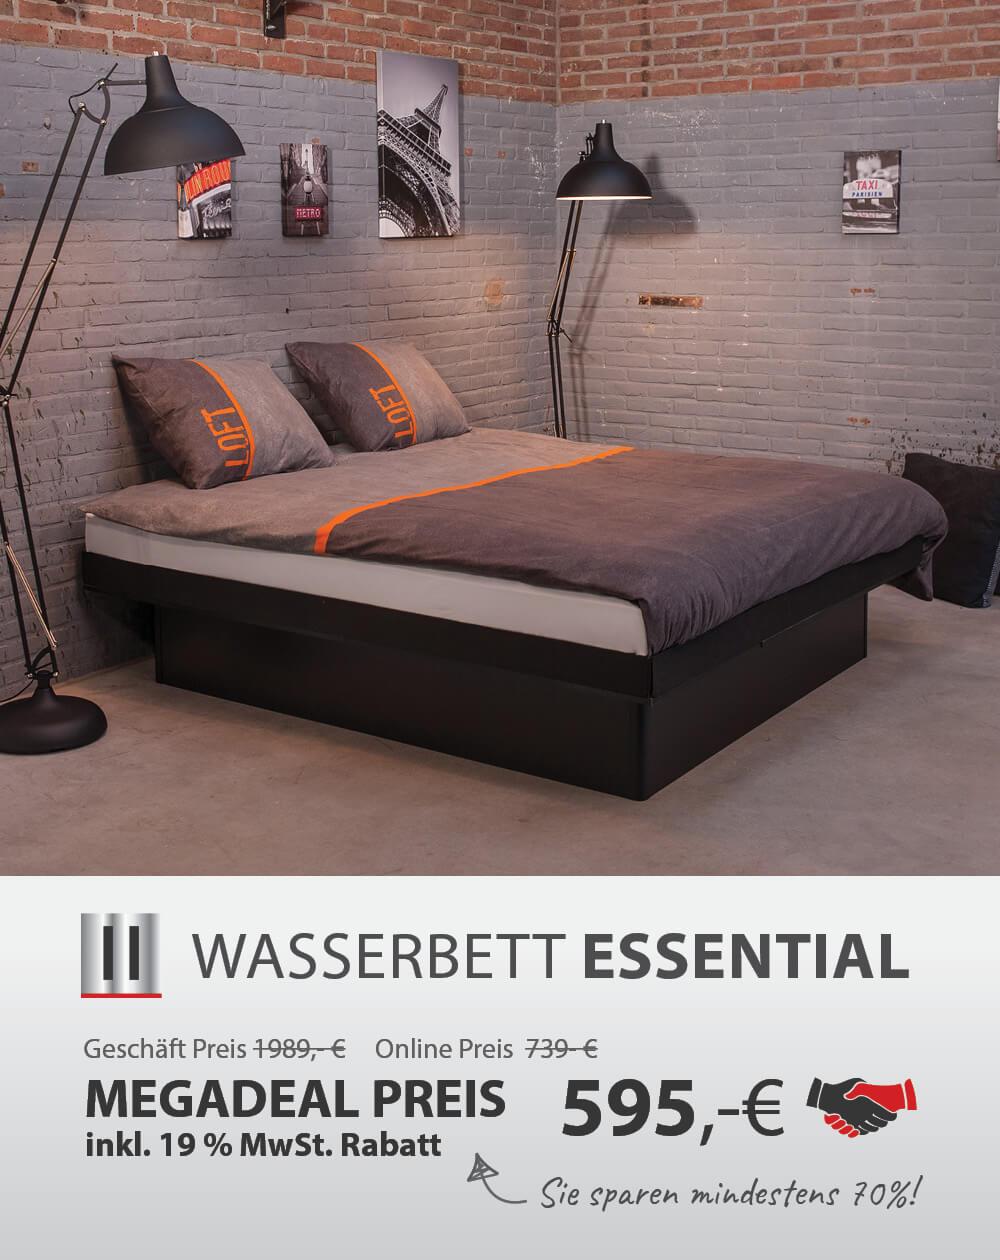 /e/s/essential-de.jpg